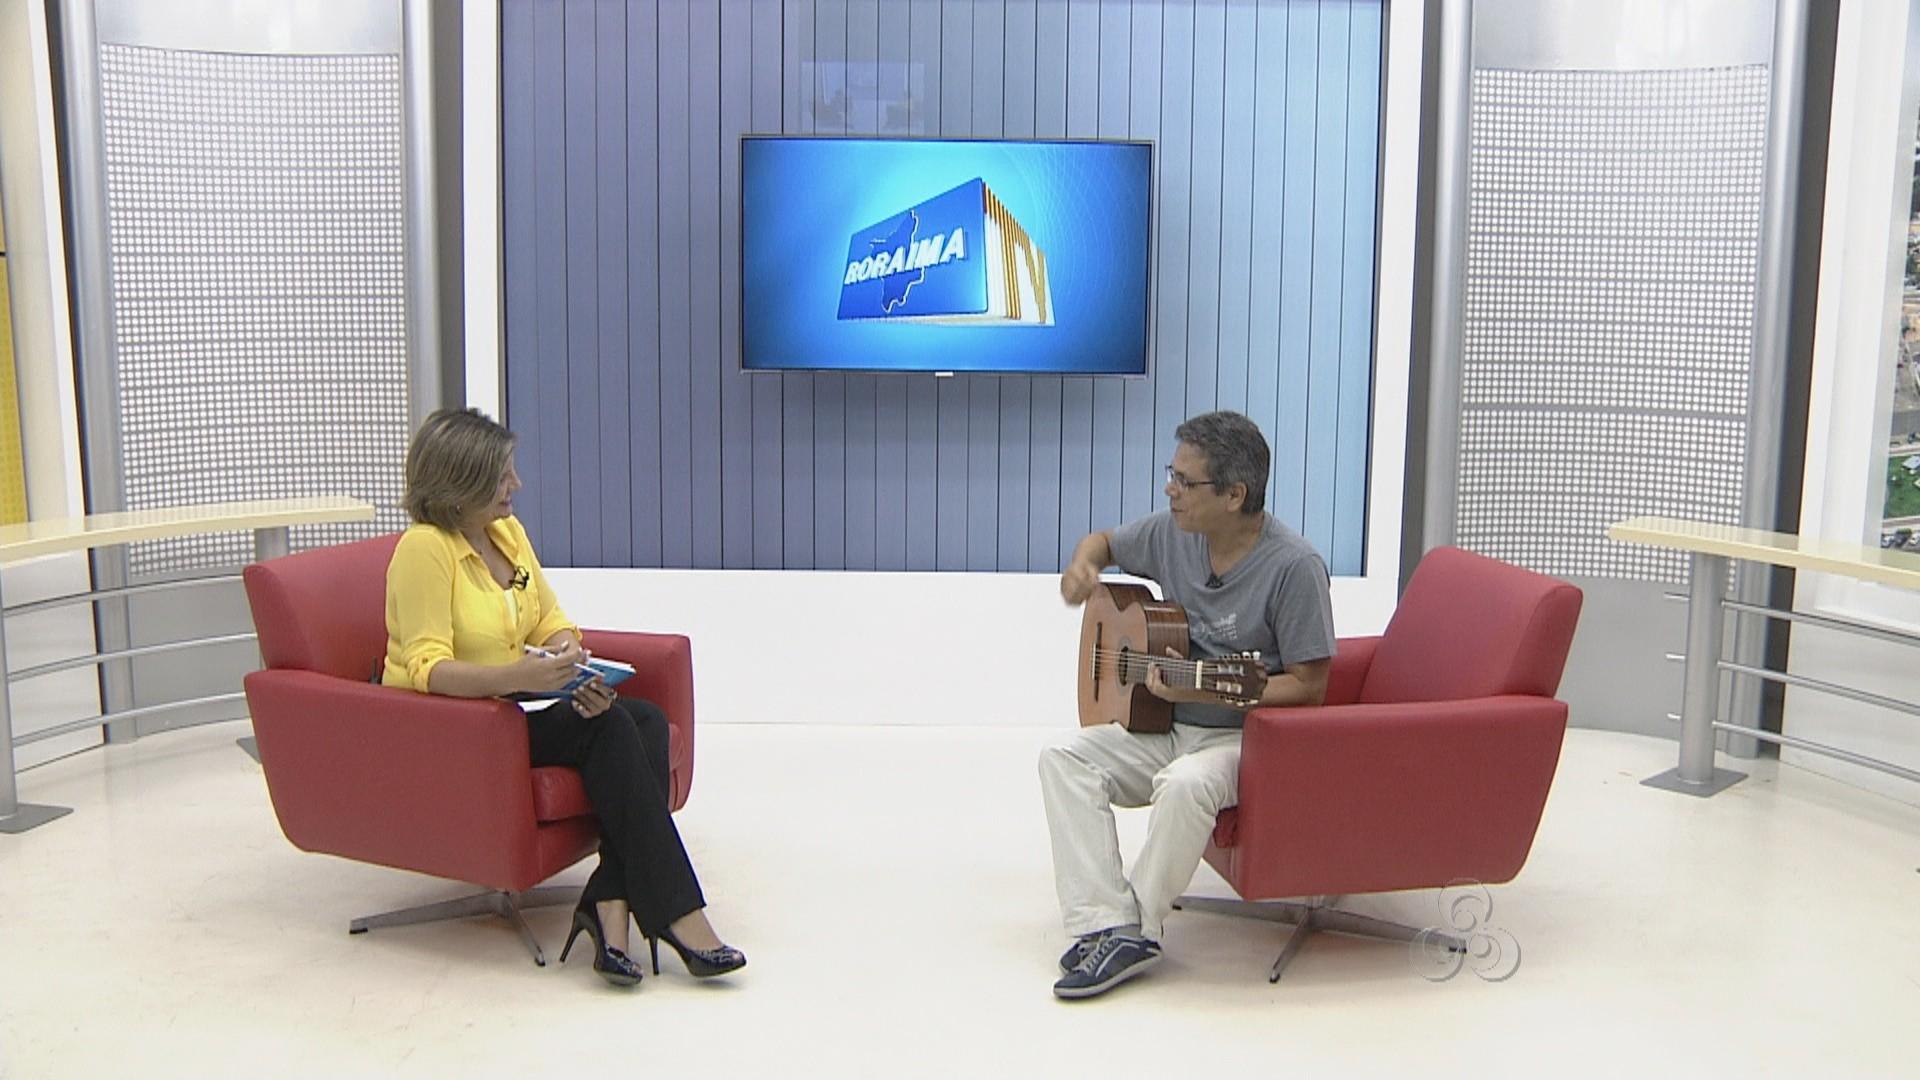 Cantor Zeca Torres se apresenta pela primeira vez em Boa Vista (Foto: Roraima TV)